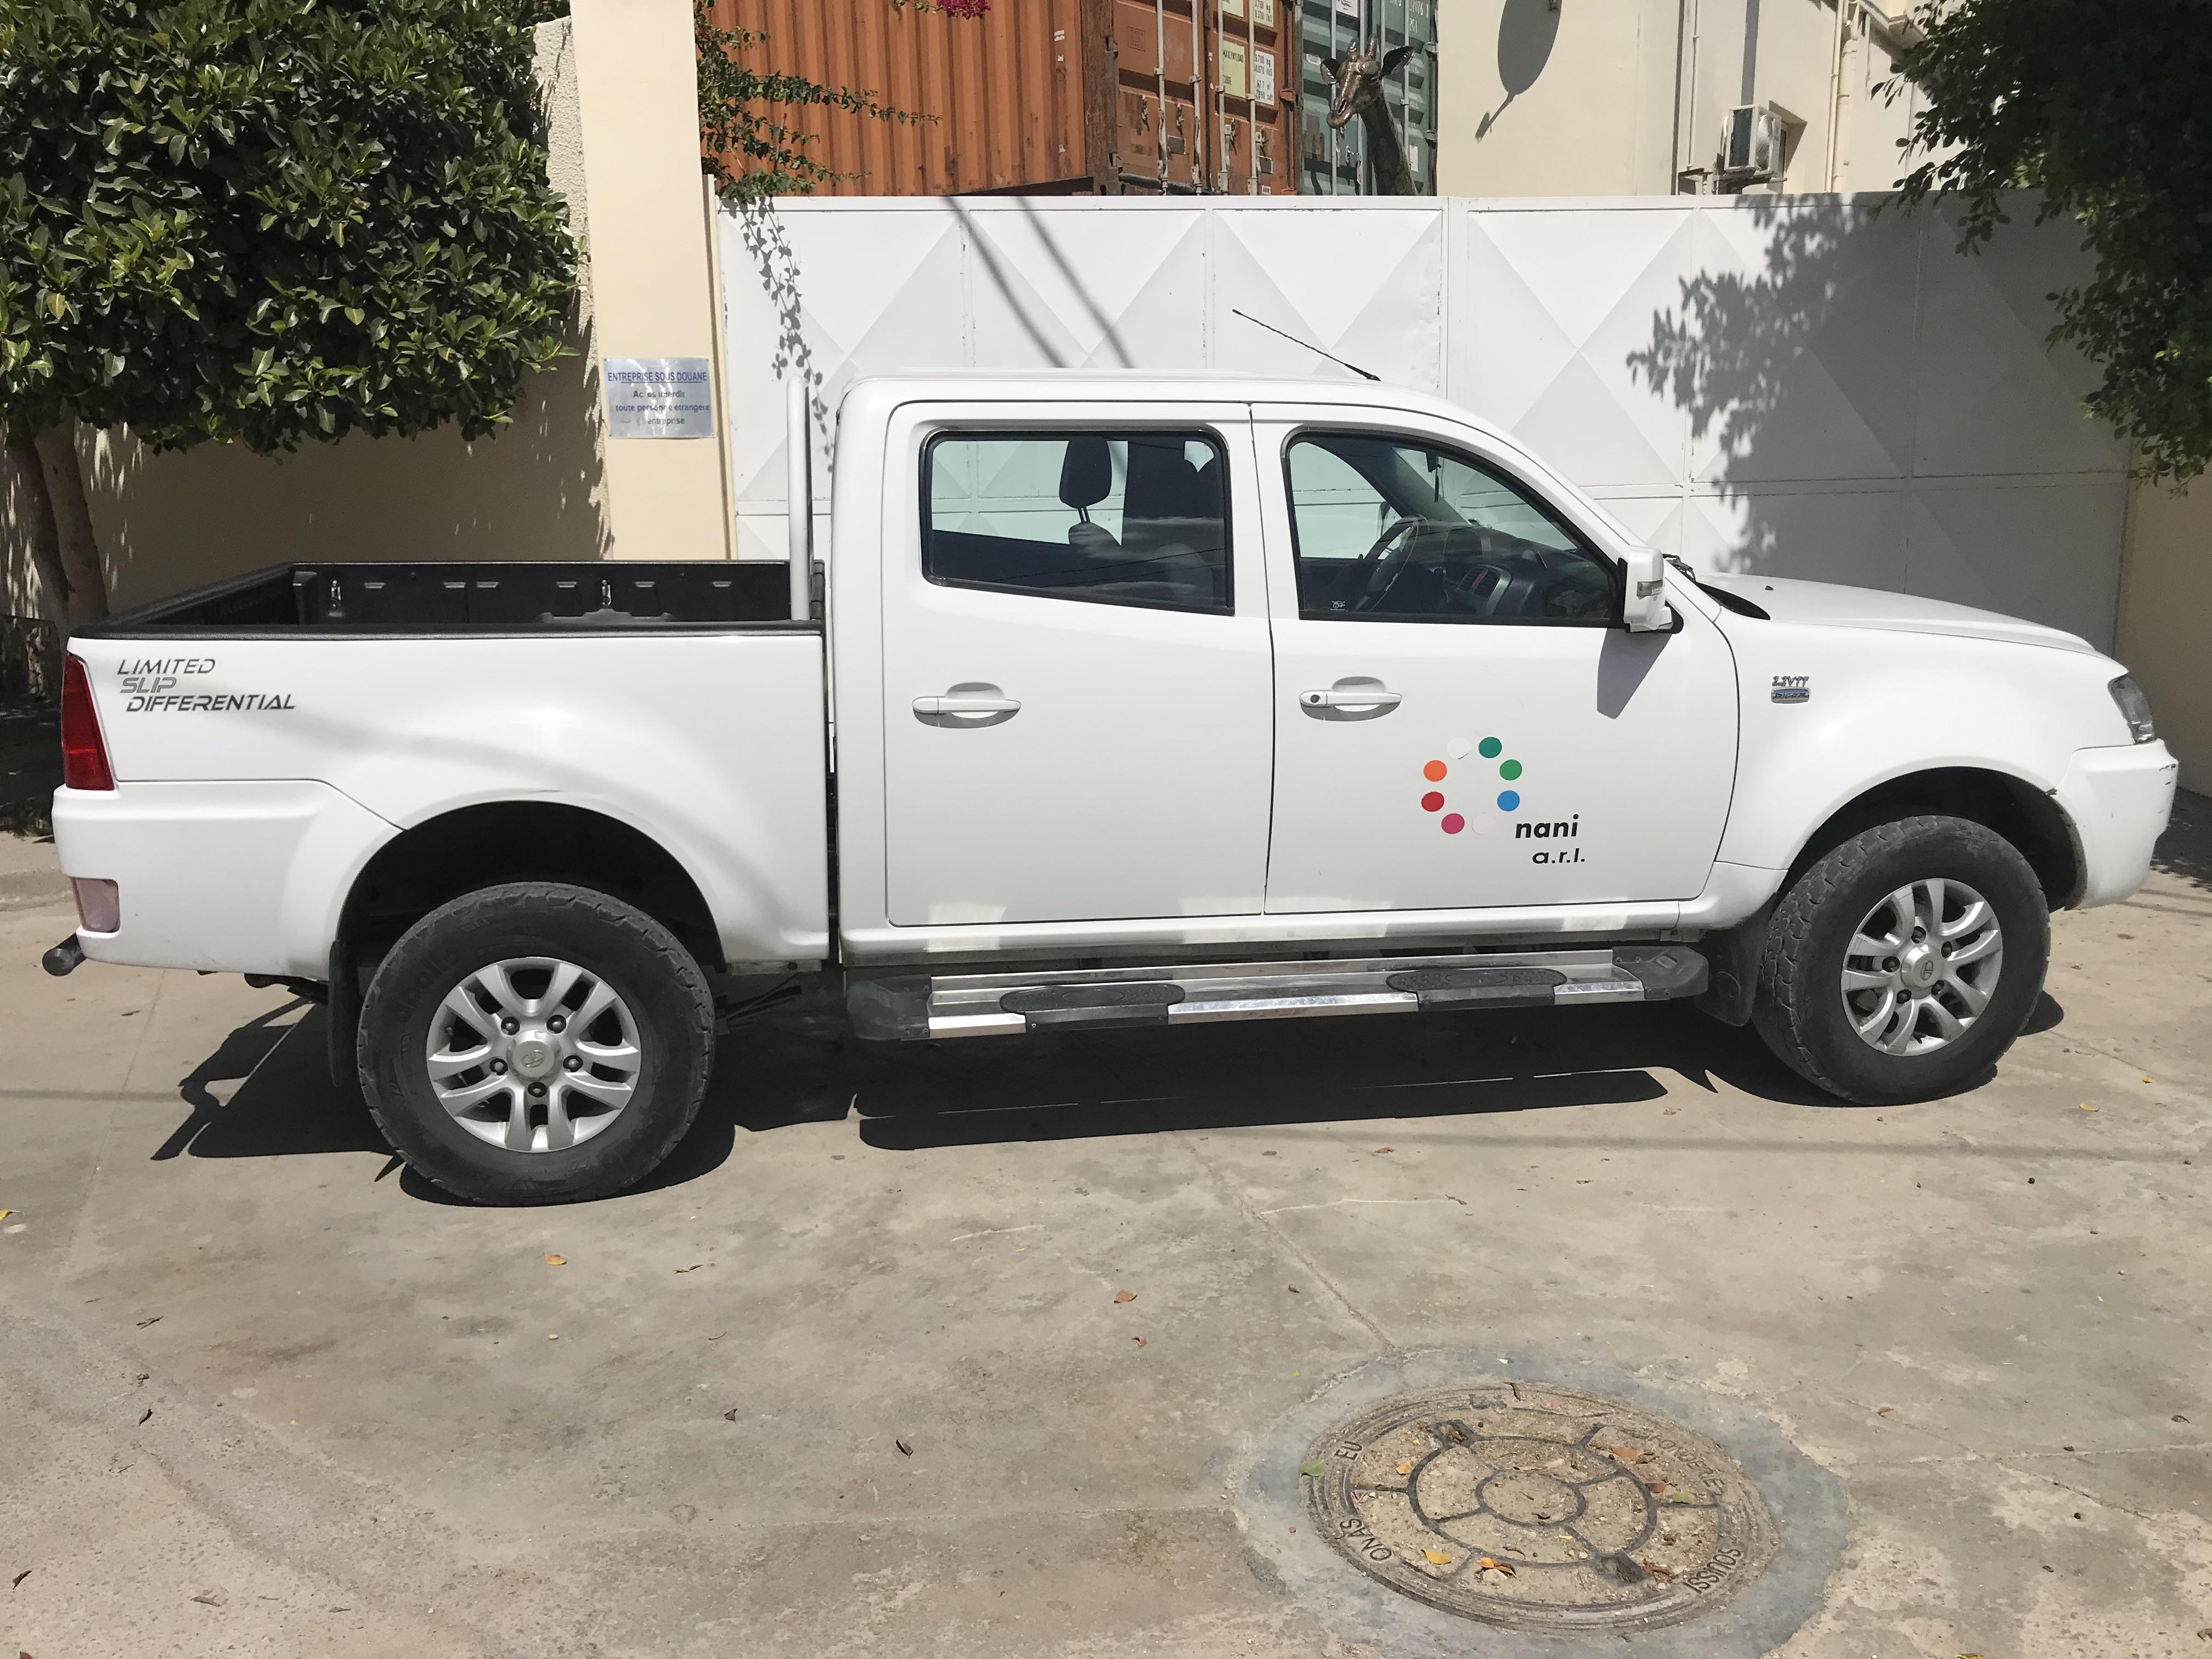 vente voiture occasion tunisie tata xenon dc